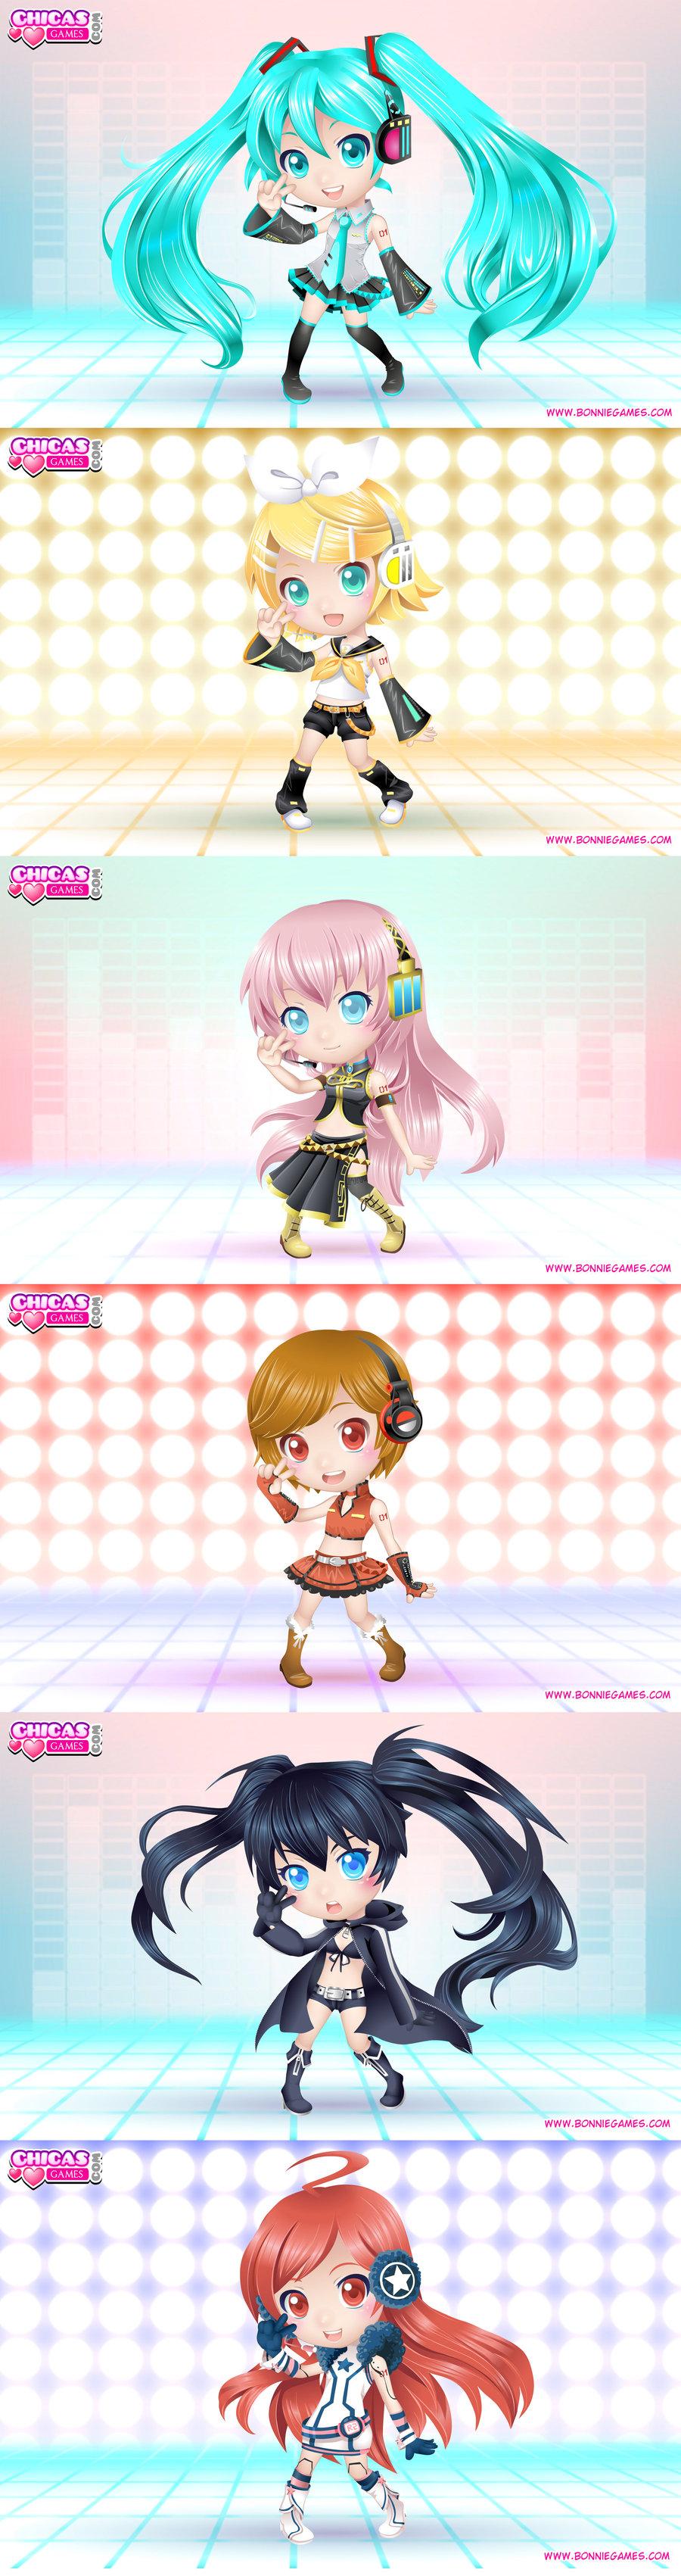 Флэш-игра Dress up Vocaloid